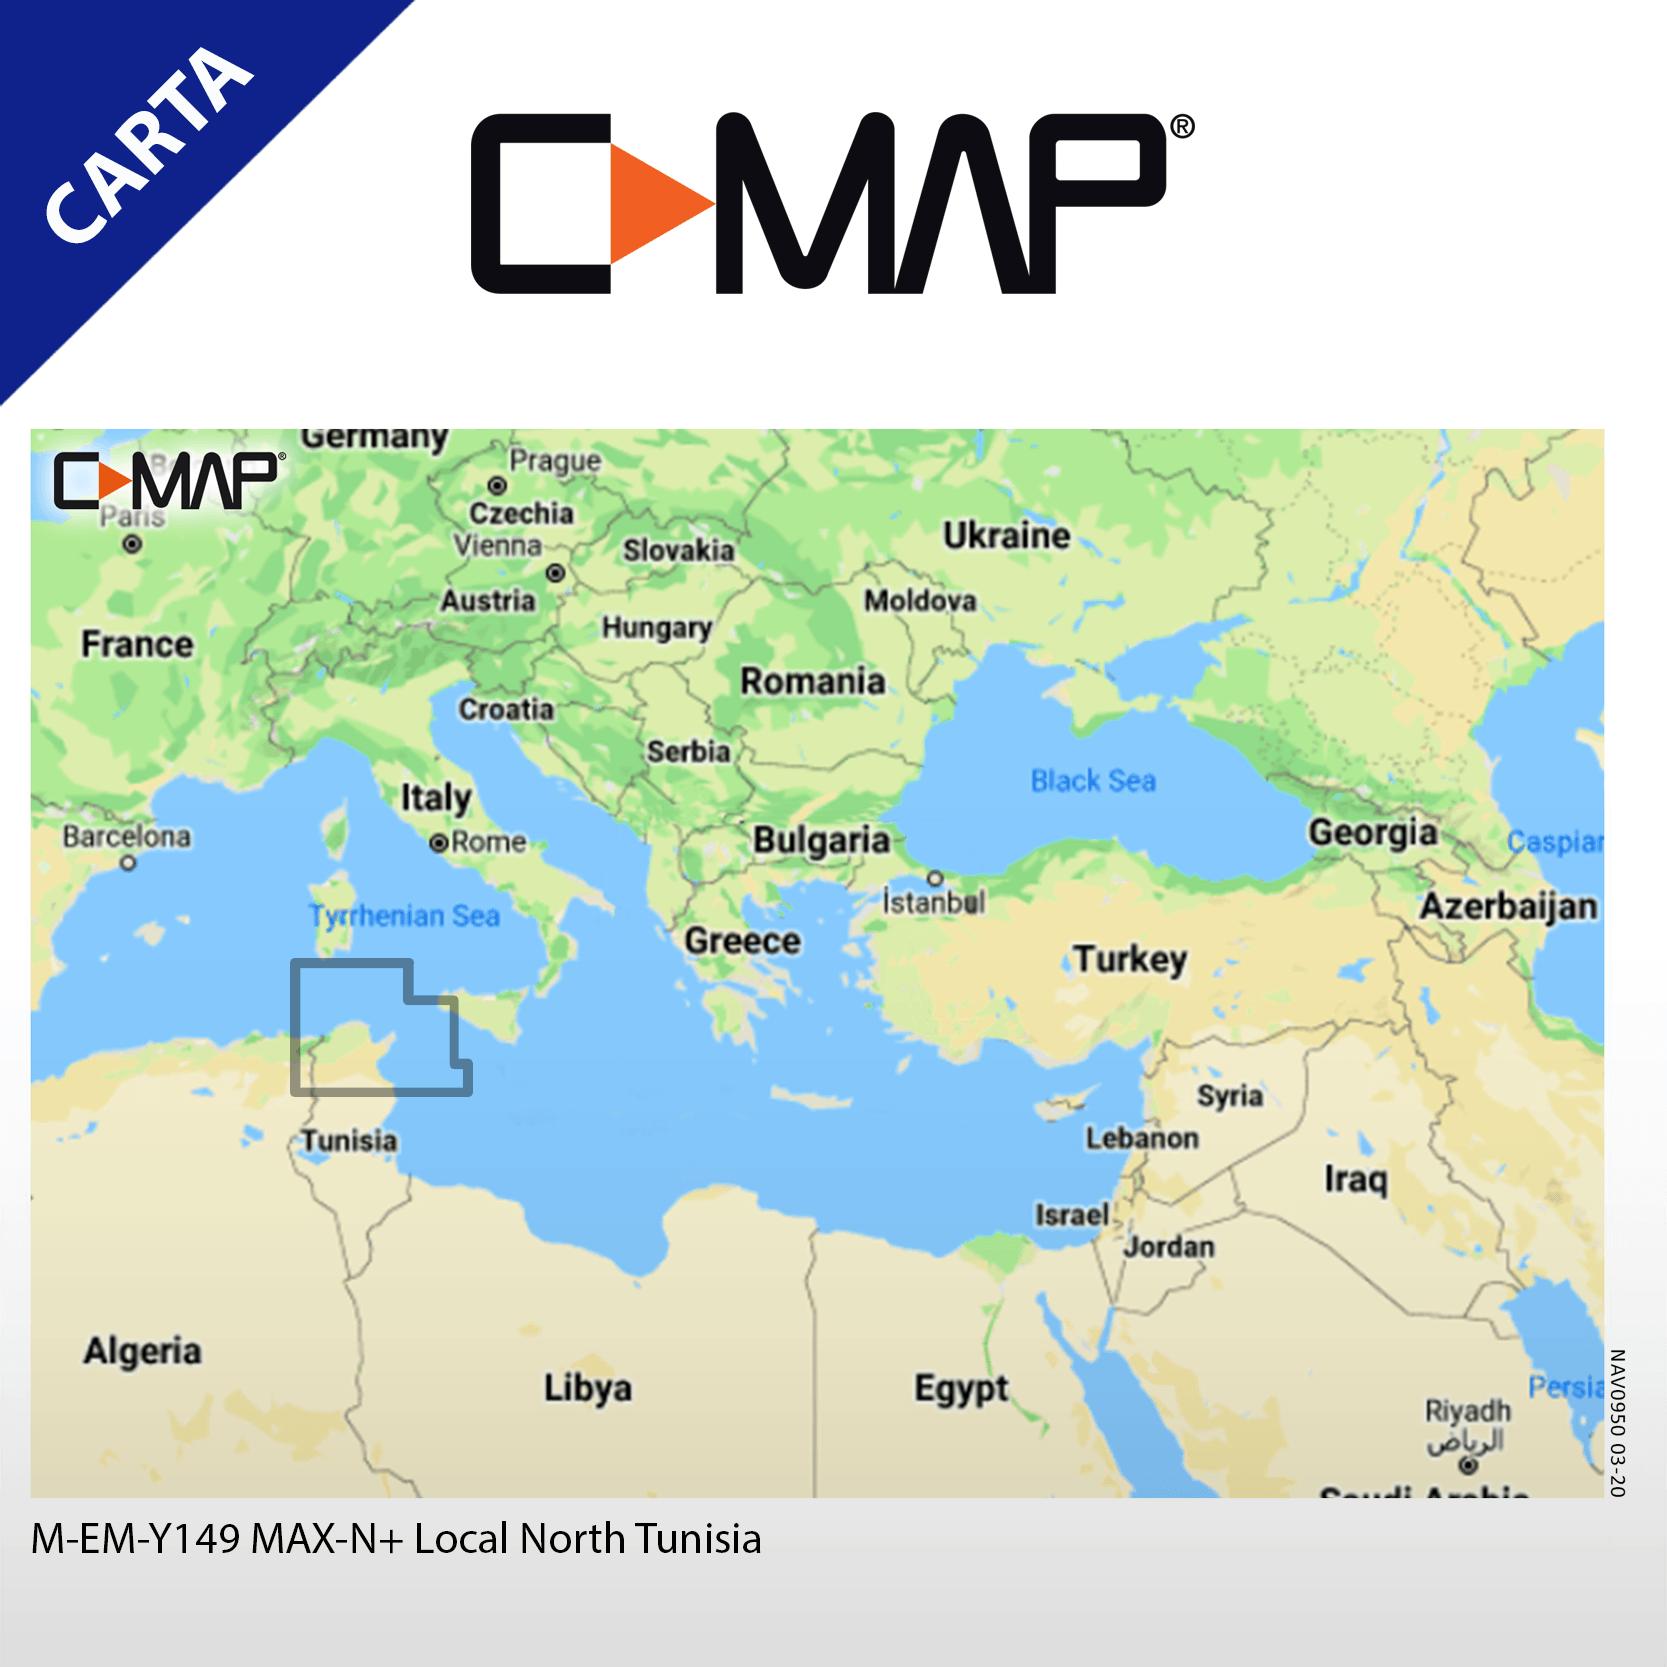 M-EM-Y149 Carta CMAP